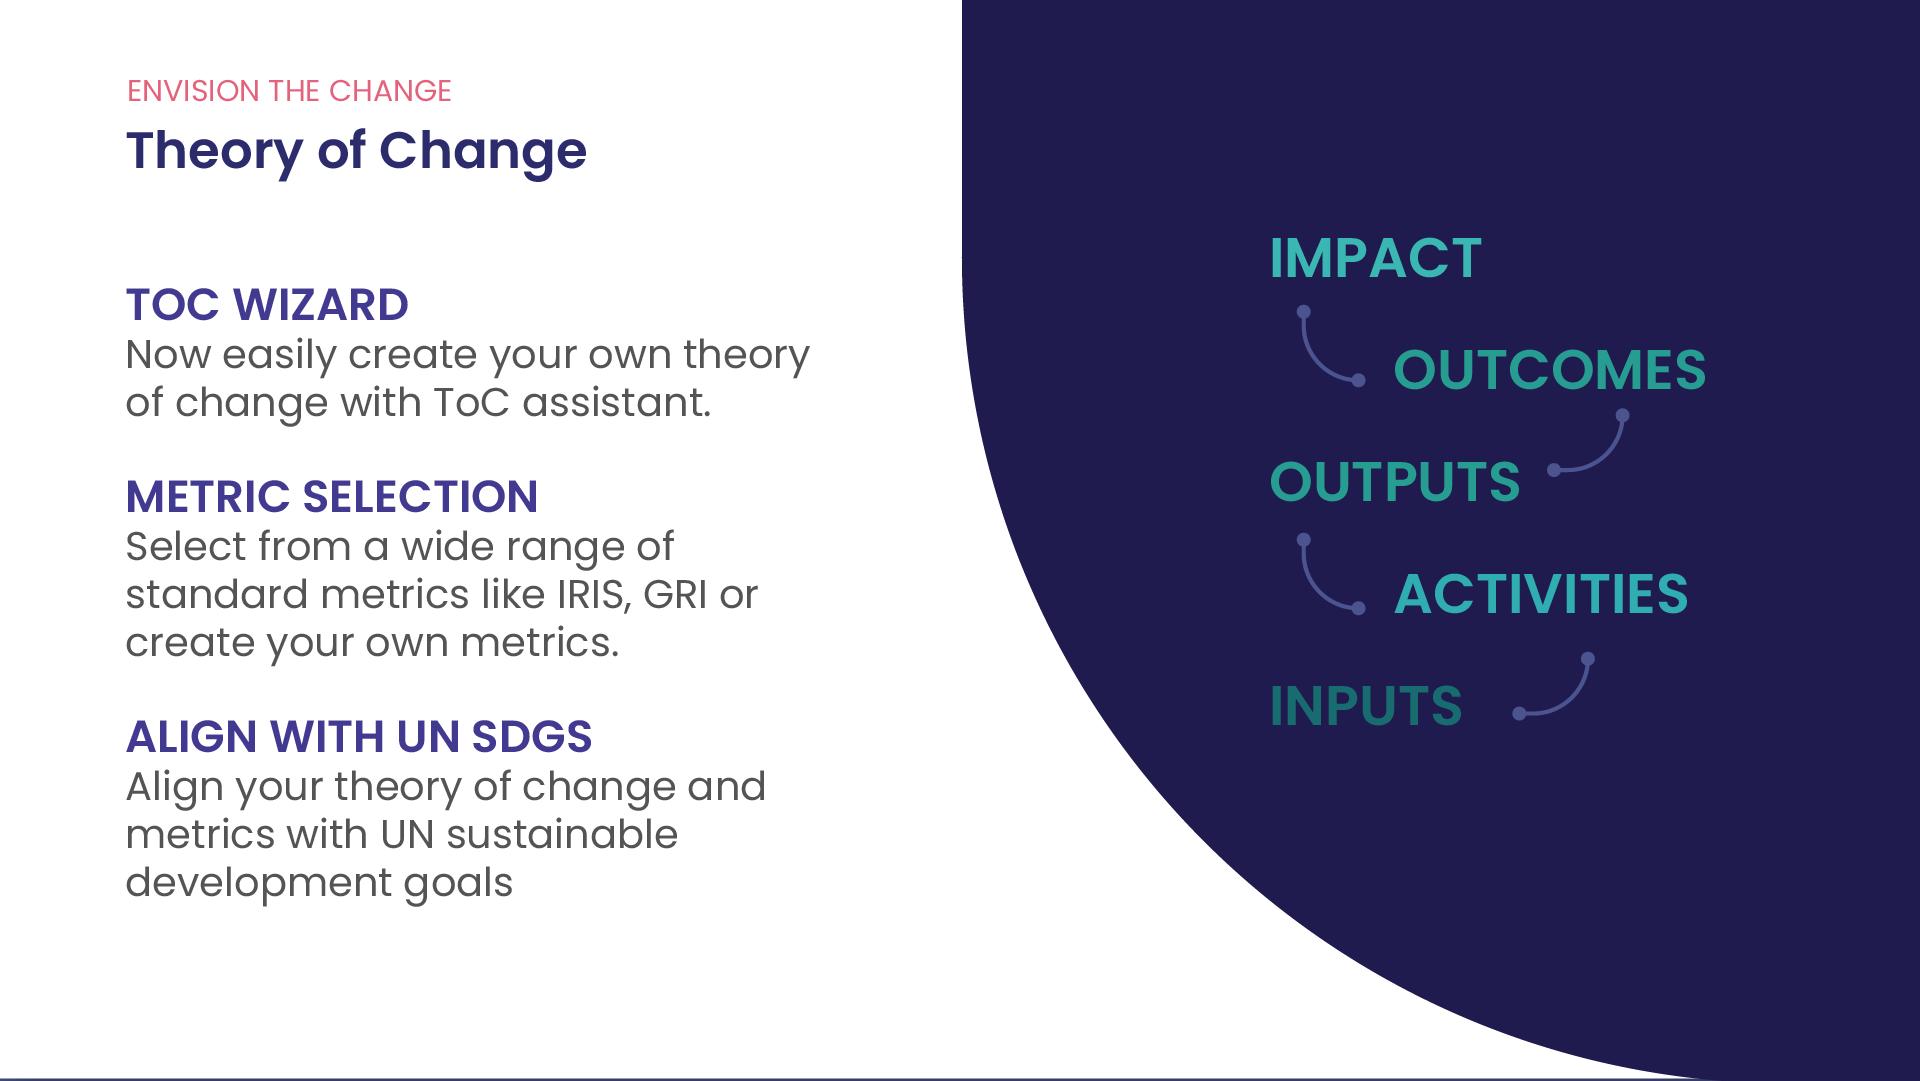 Social Impact Measurement & Management AI Platform | Impact